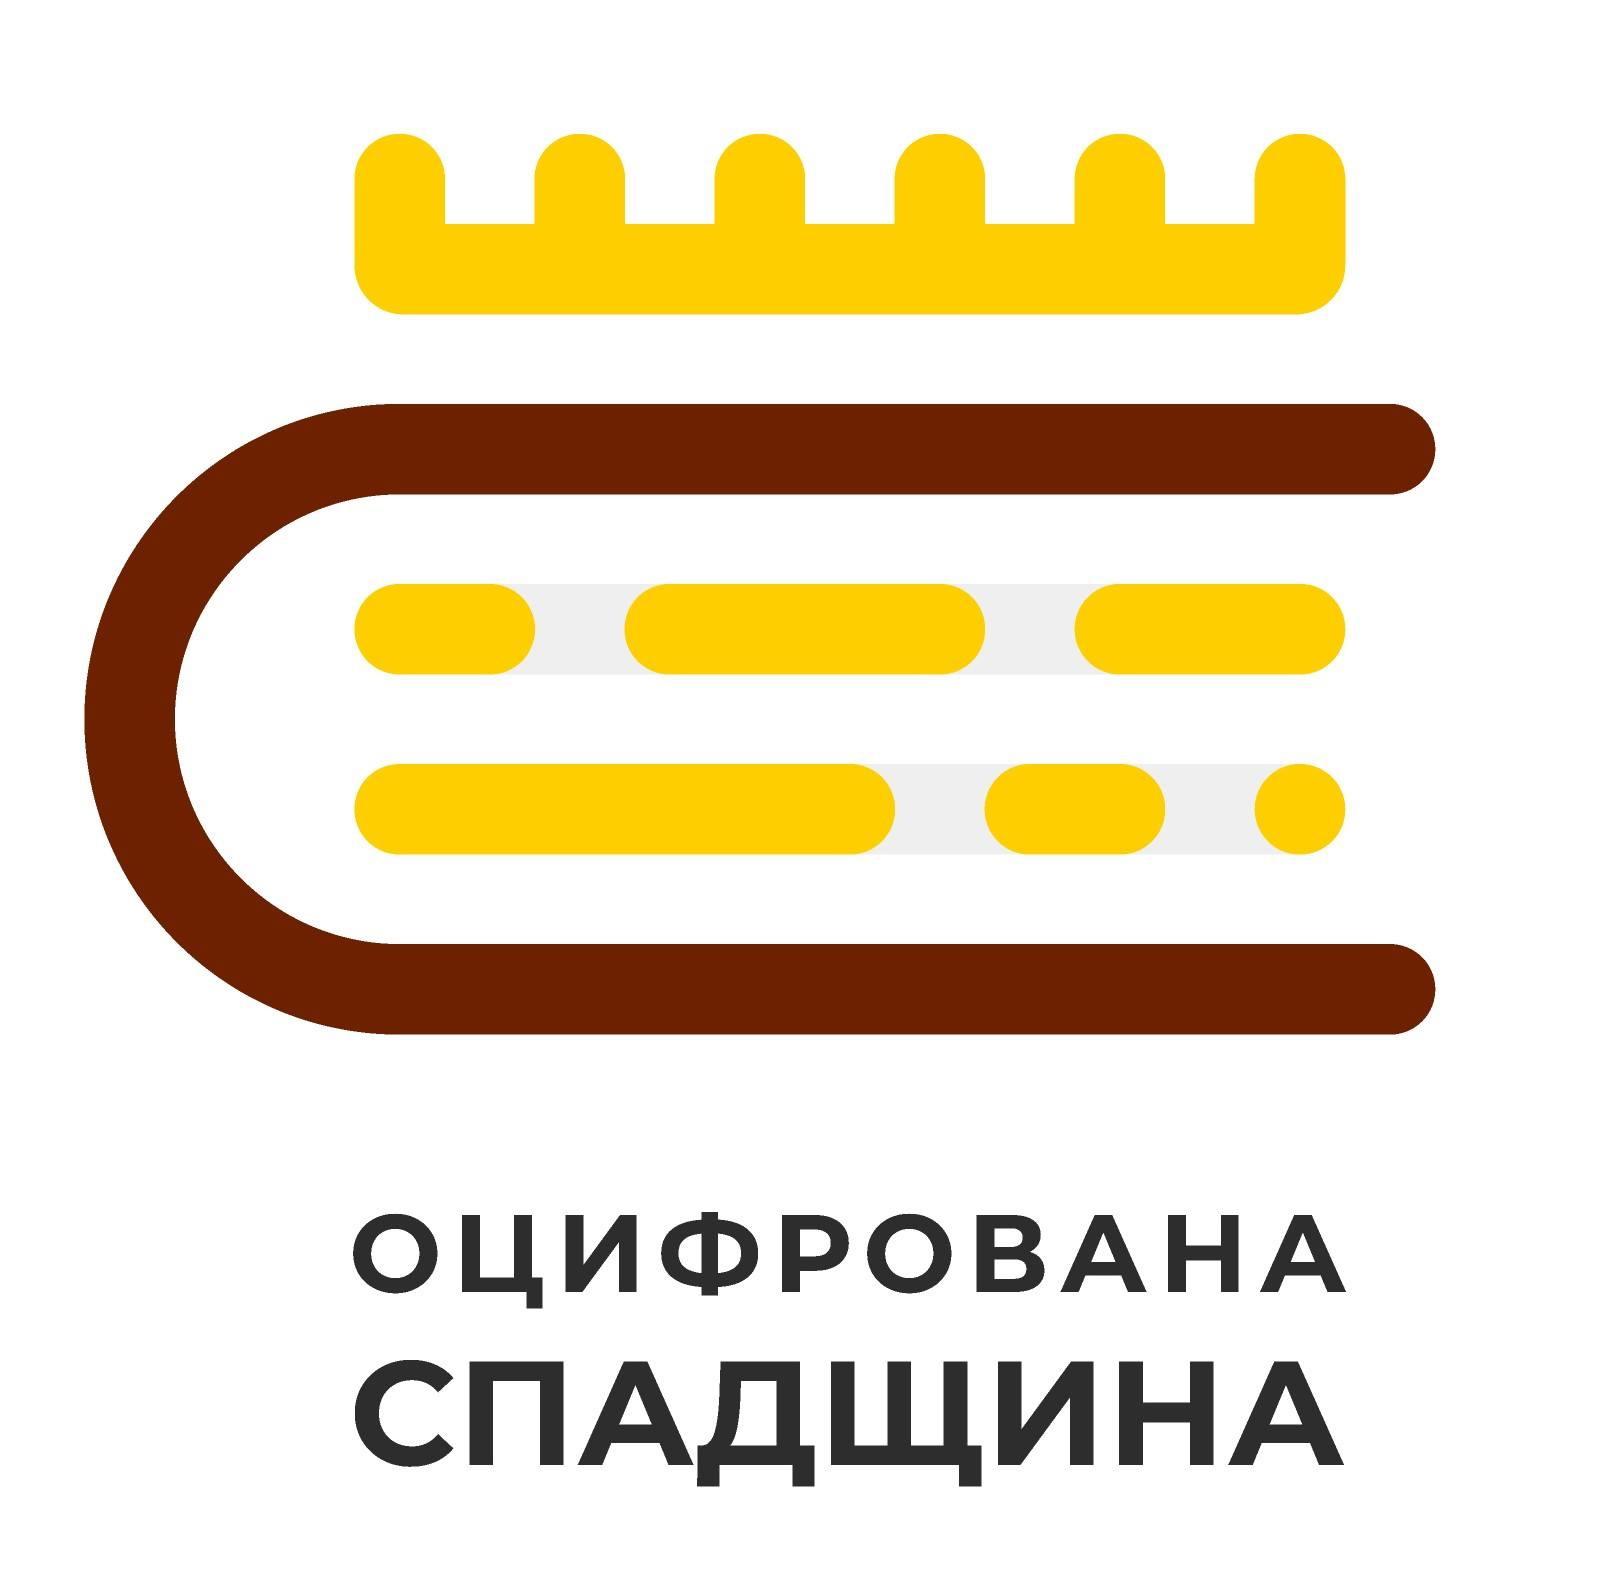 Опис рамки цифрової компетентності для громадян України